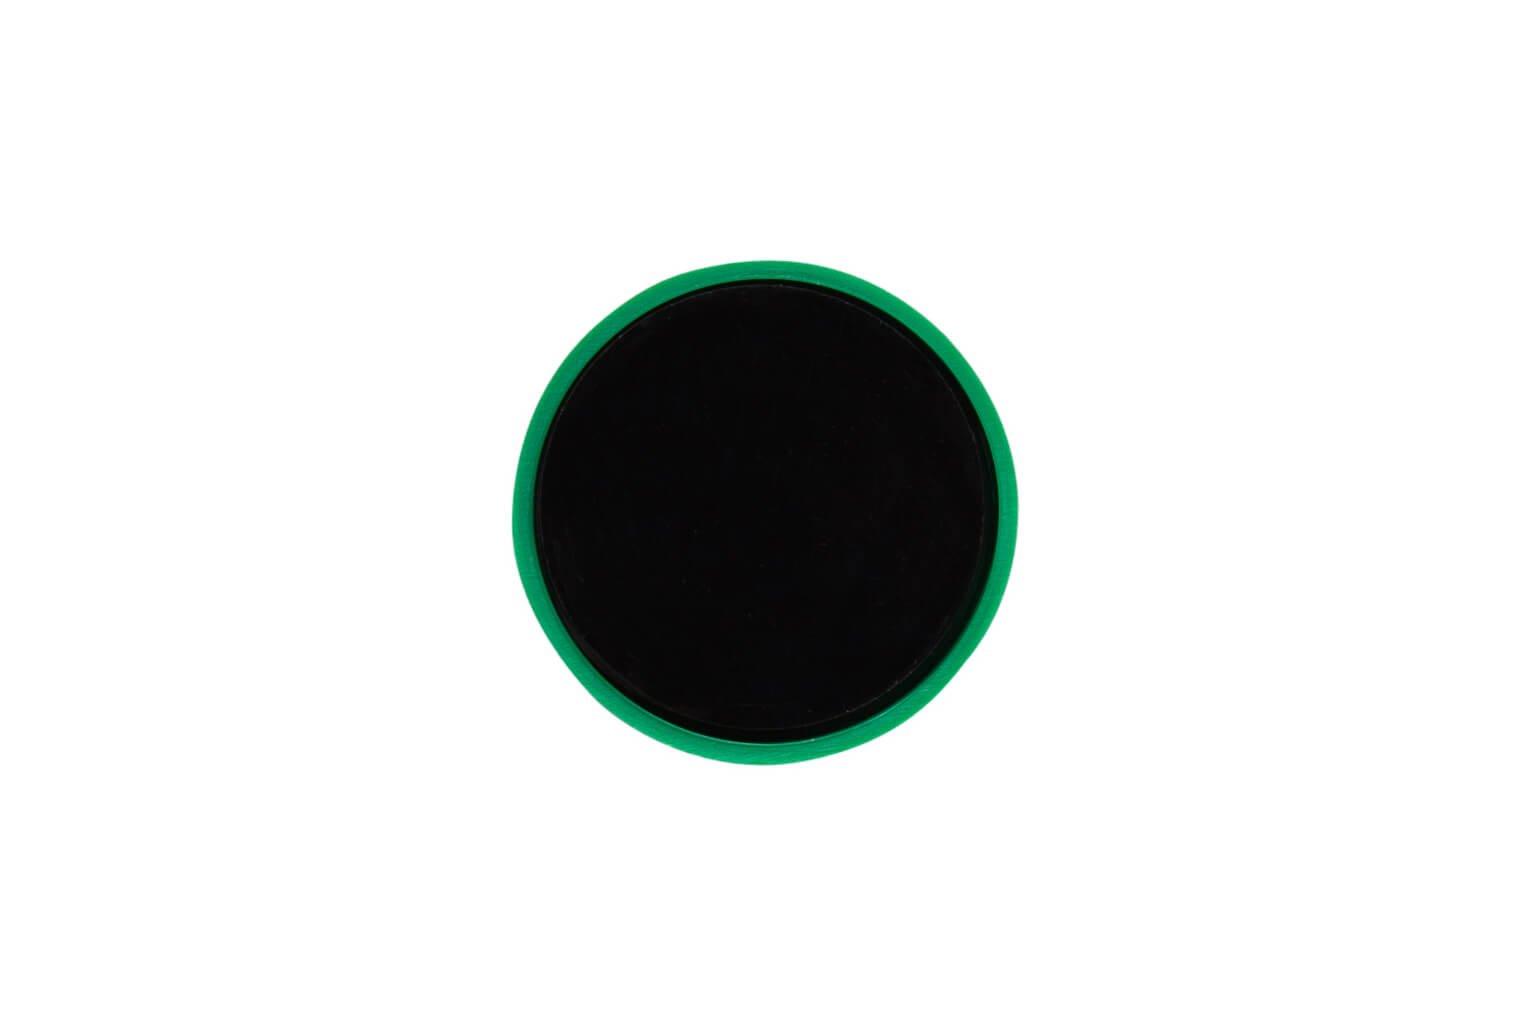 Rund-Magnet, PE Ø 30 mm, 0,6 kg Haftkraft, 10 St./Set, grün